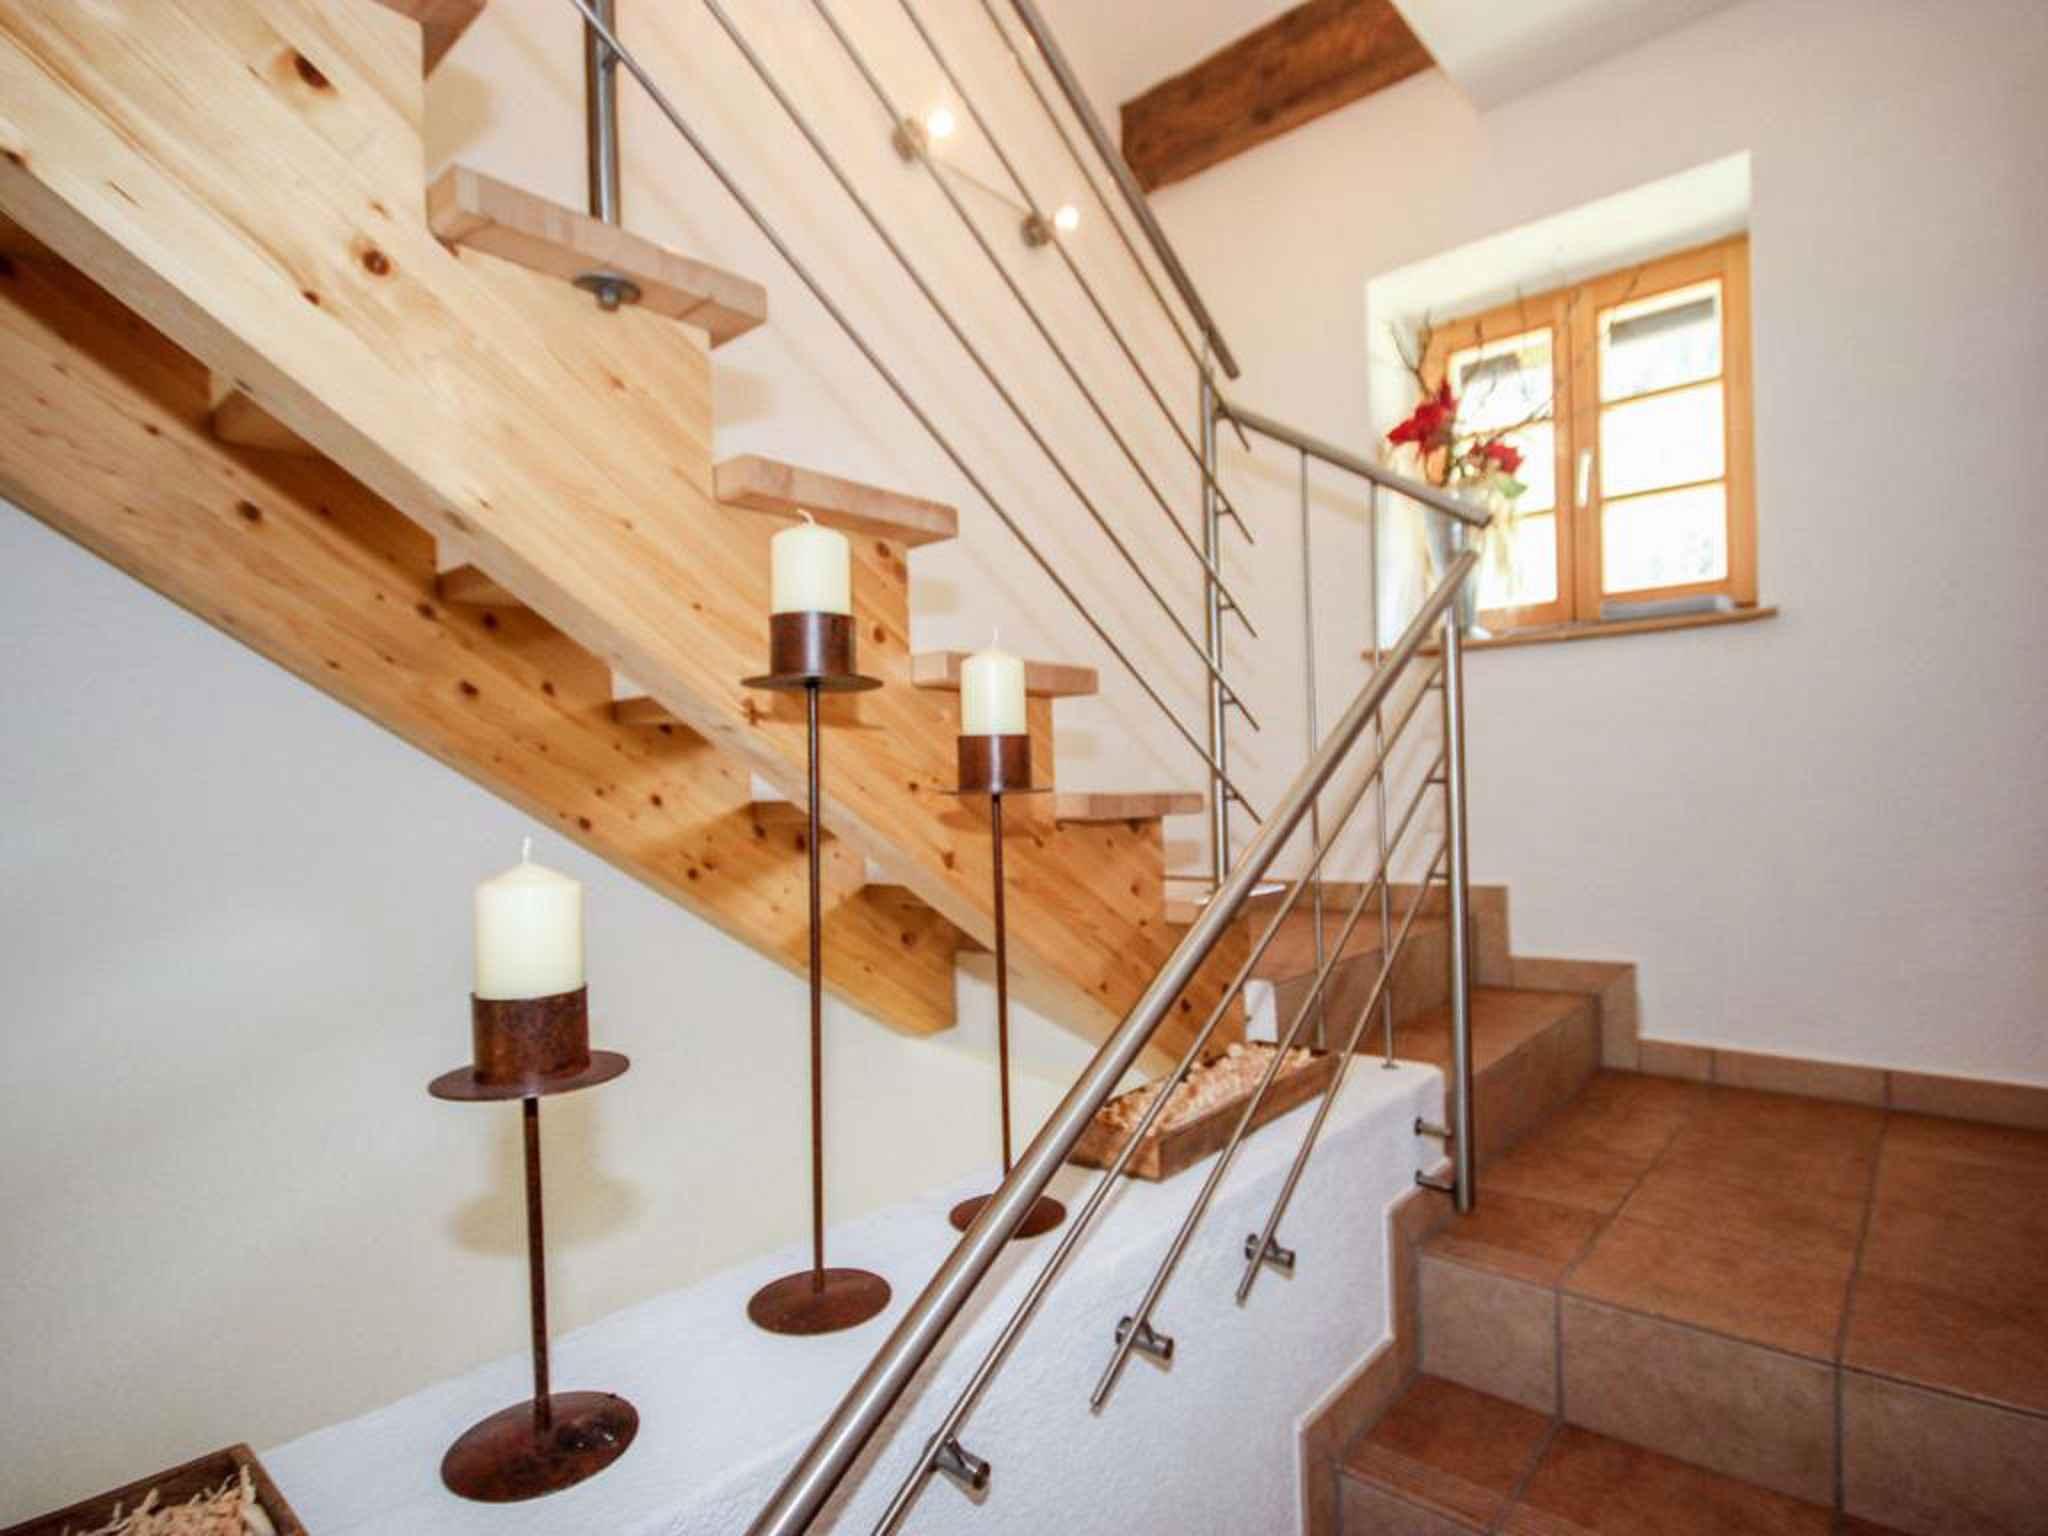 Ferienwohnung in einem über 300 Jahre alten Holzhaus (283708), Sölden (AT), Ötztal, Tirol, Österreich, Bild 12